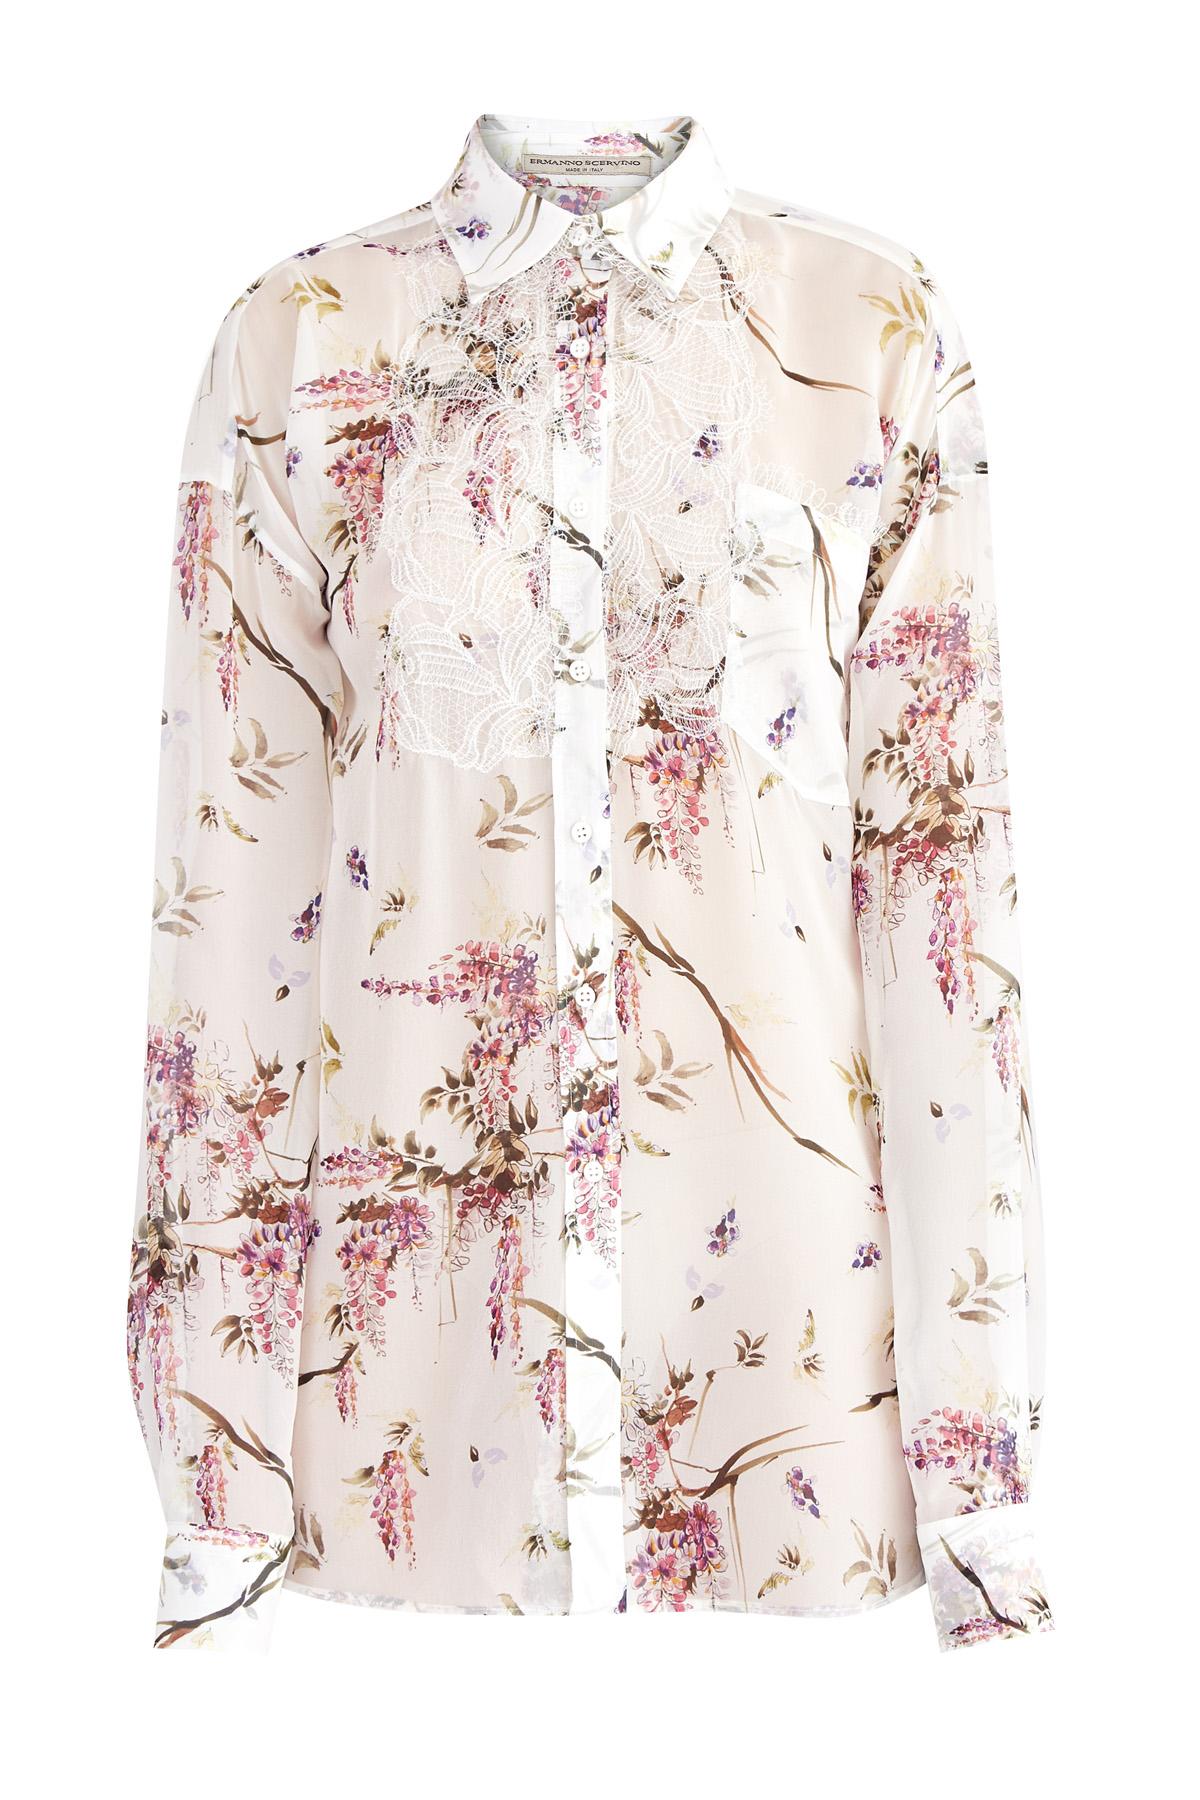 Купить Рубашка, ERMANNO SCERVINO, Италия, шелк 100%